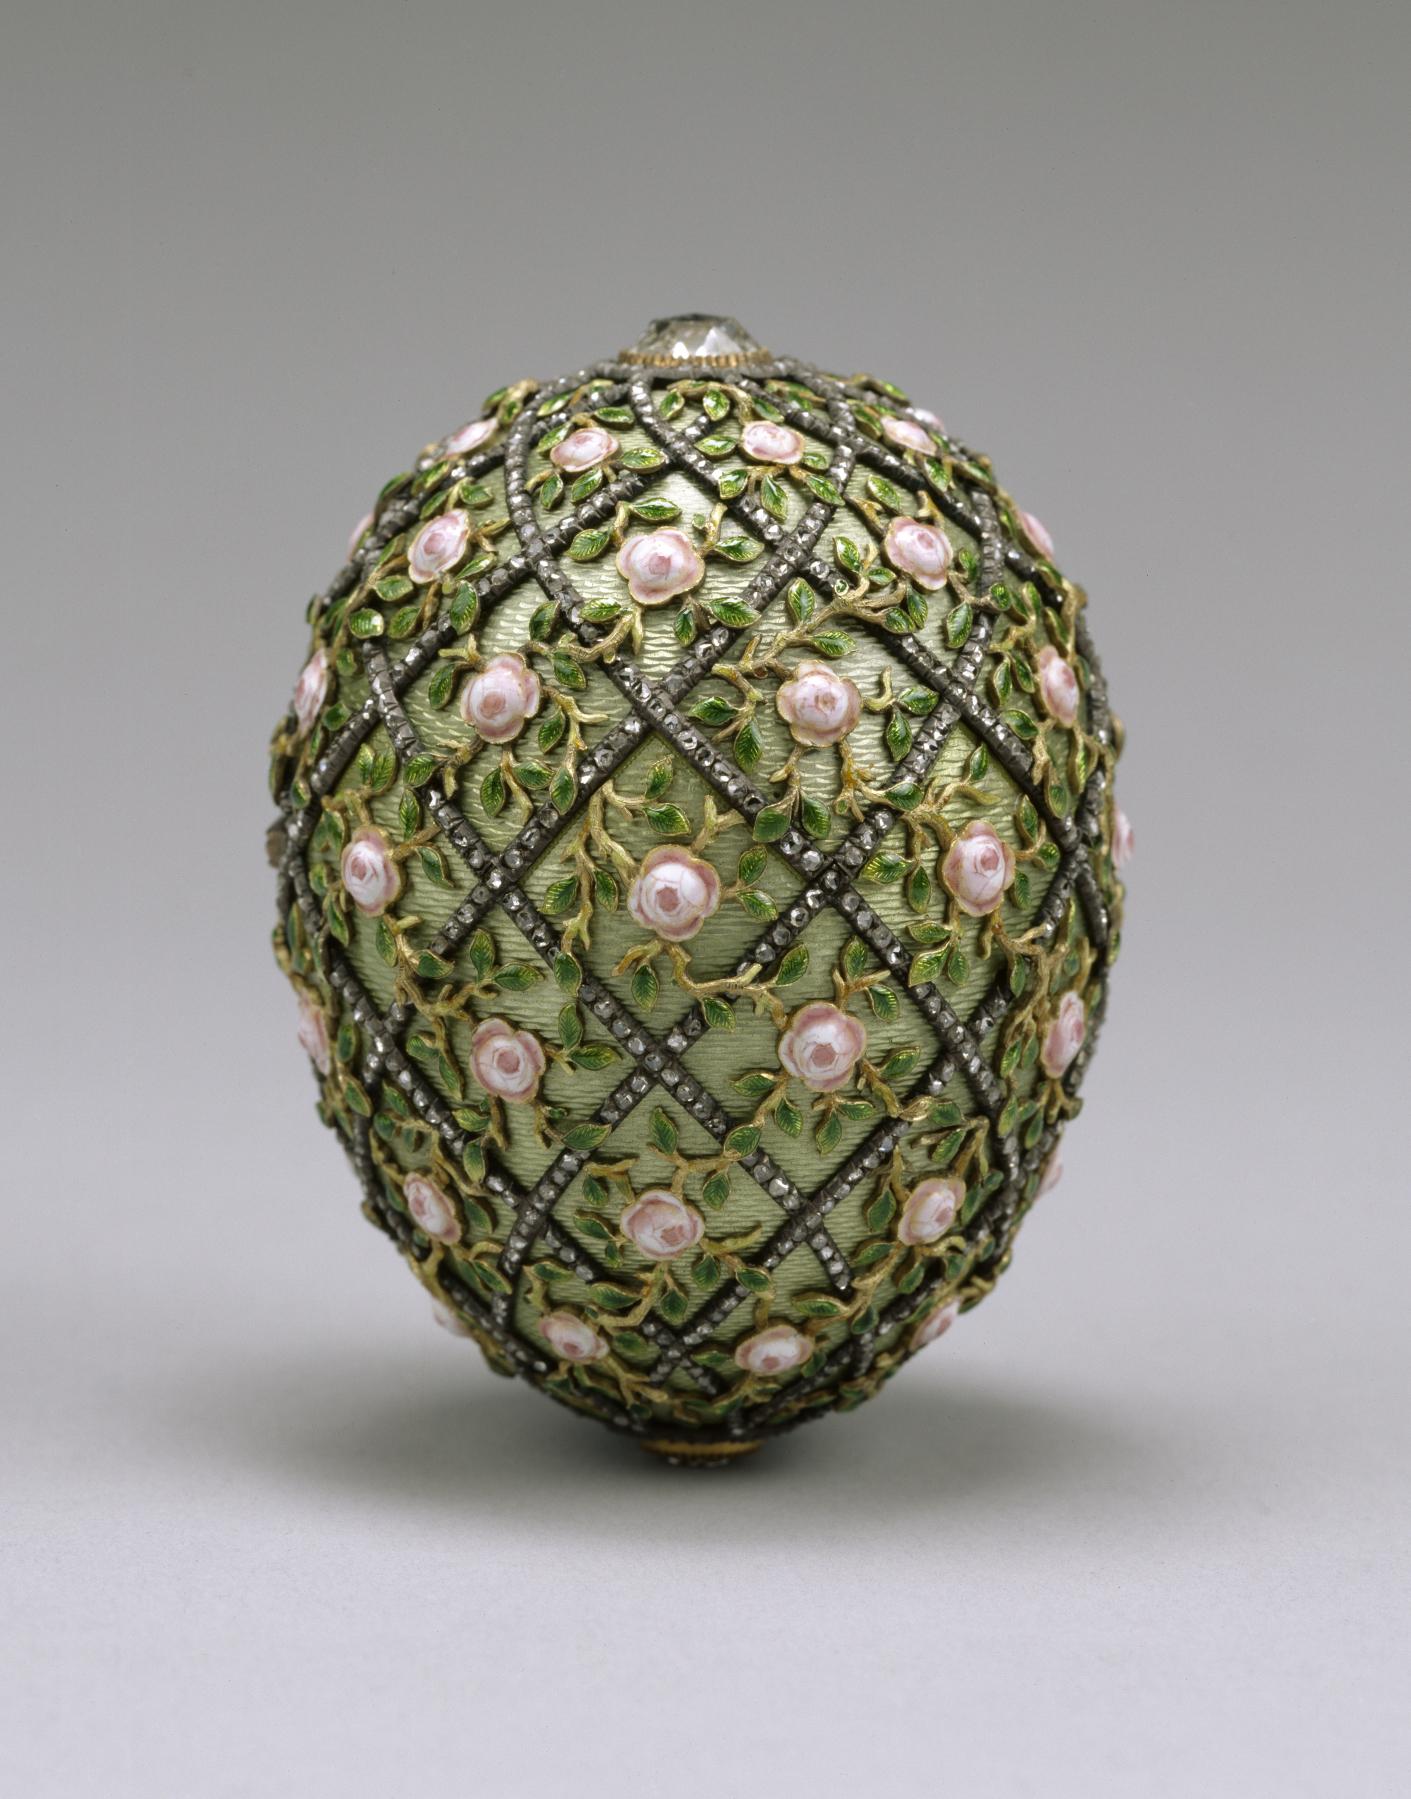 The Rose Trellis Egg